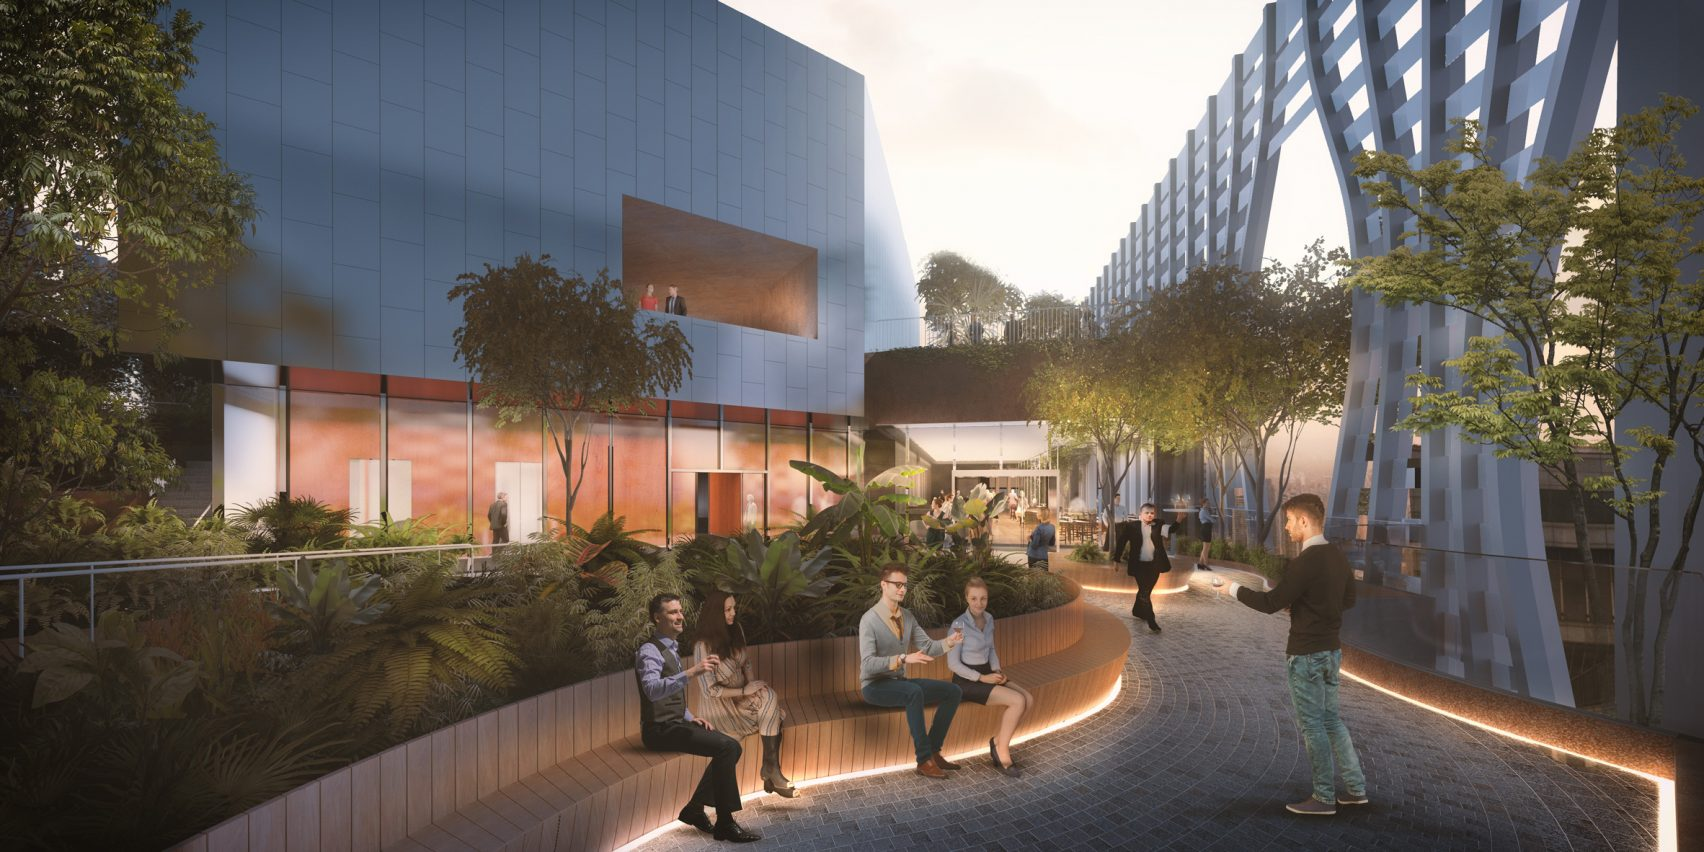 All'interno ci saranno uffici, ristoranti, strutture per il tempo libero e abitazioni / Dezeen